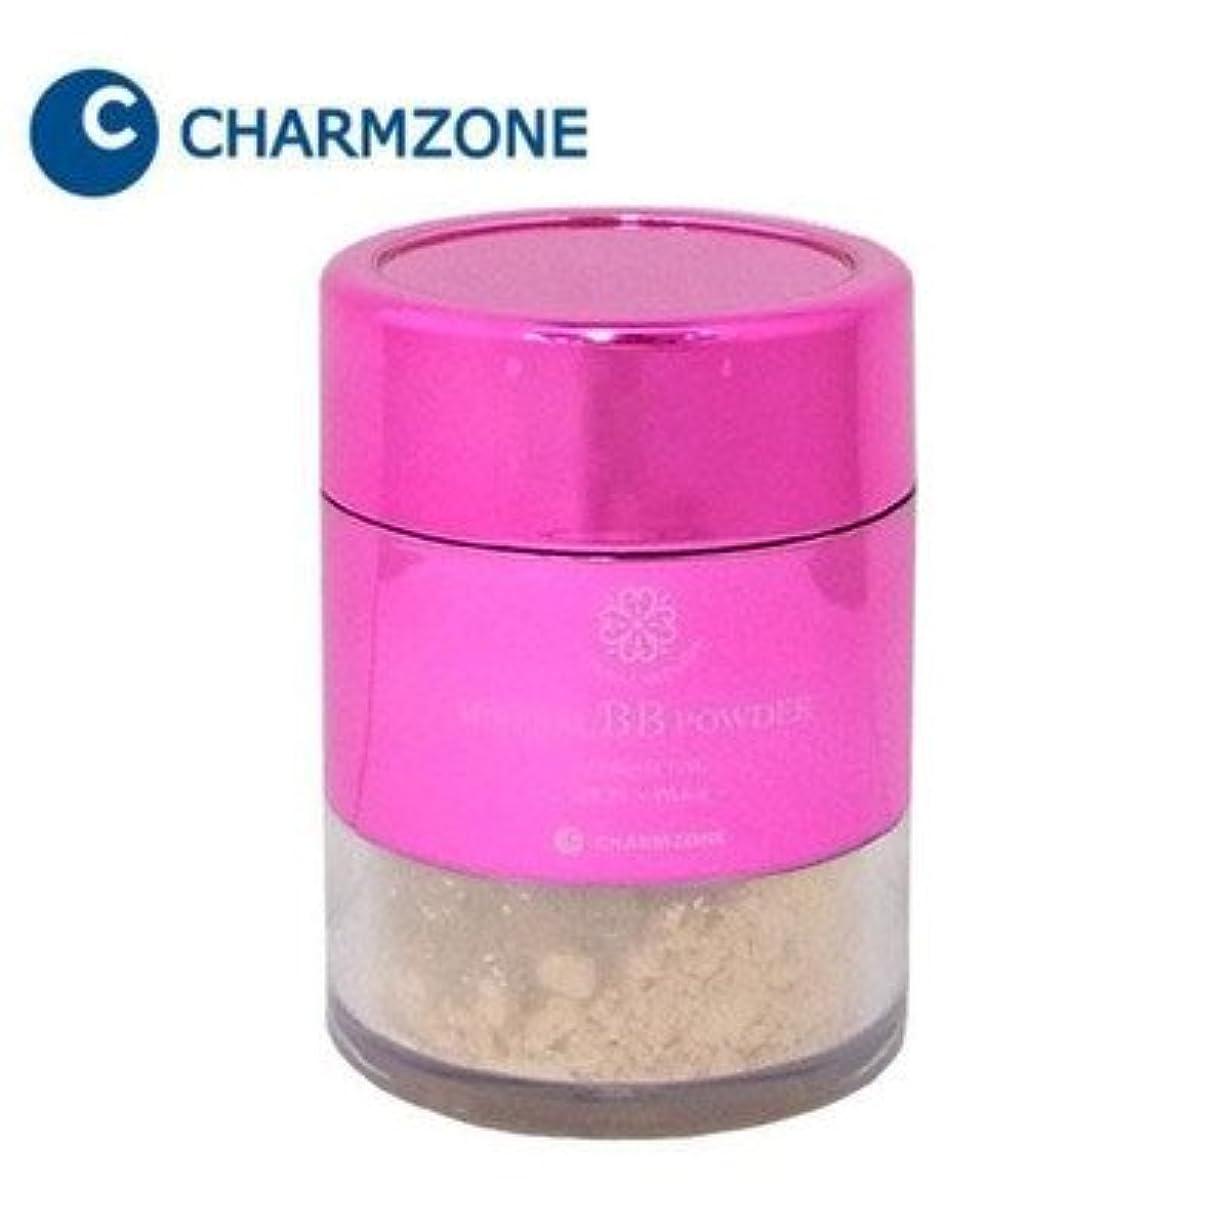 アブセイショルダー永続77種類の保湿成分配合パウダーでツヤ肌に チャームゾーン ナチュラルスキンエード ミネラルBBパウダー プレミアム 10g